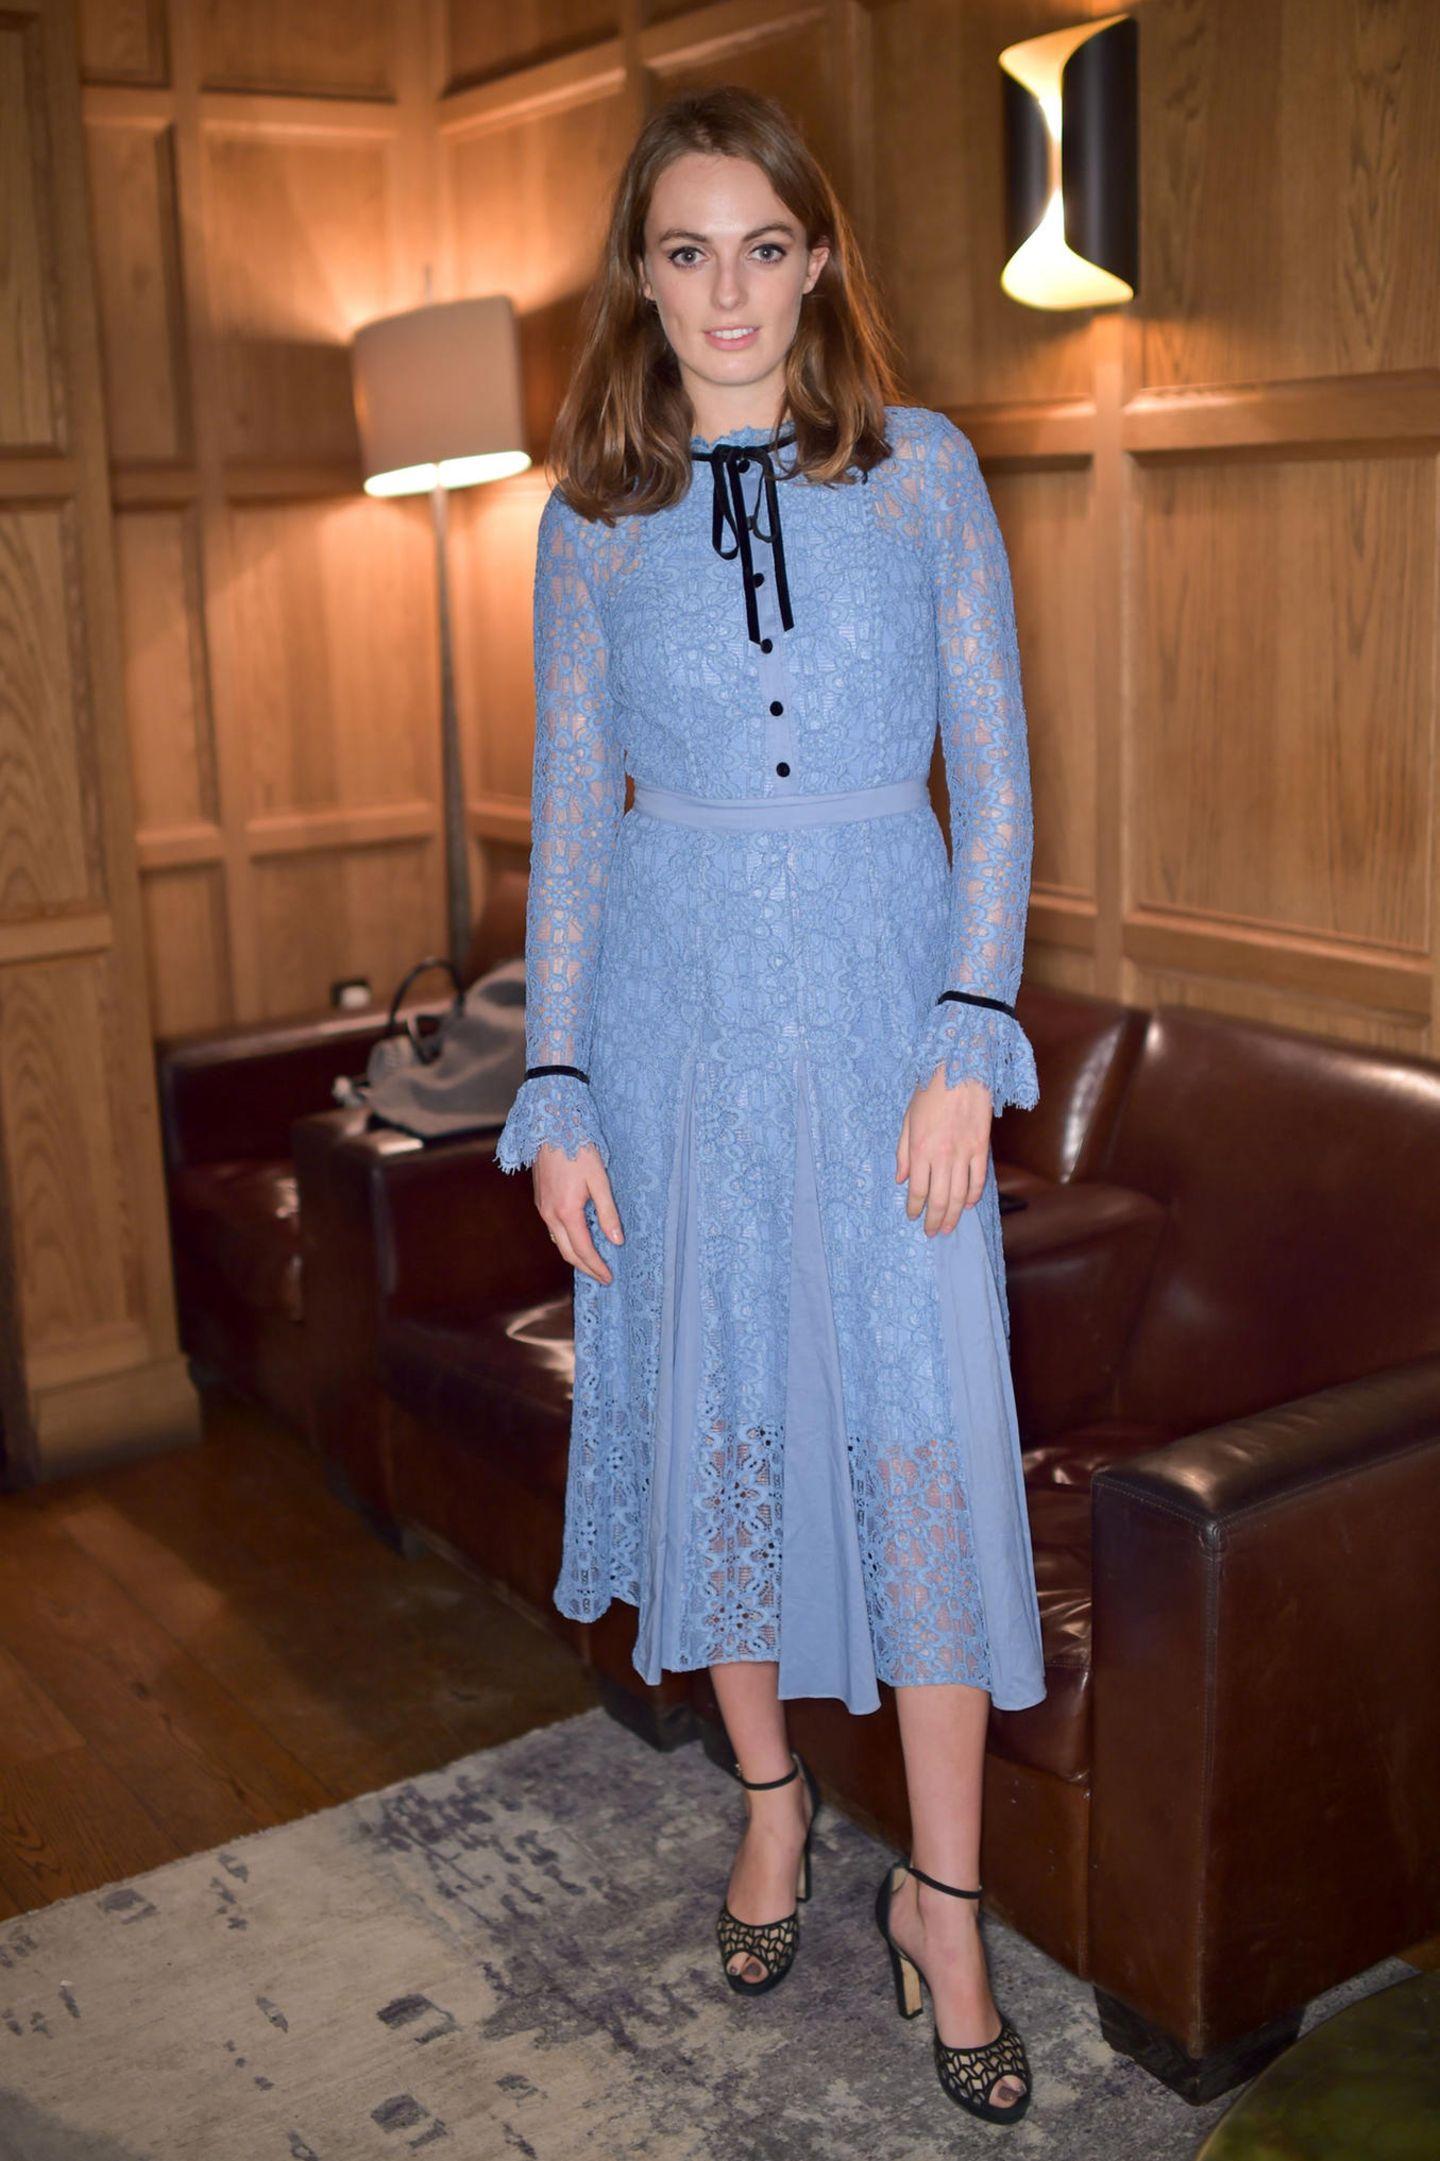 Lady Violet Manner, die Tochter des Duke von Rutland, trägt das Kleid am gleichen Abend auf einem anderen Event. Auch sie trägt ihre Haare zu dem 995-Euro-Kleid offen und ein natürliches Make-up. Das zartblaue It-Piece ist mittlerweile fast ausverkauft - klar, es scheint an jeder Frau gut auszusehen.